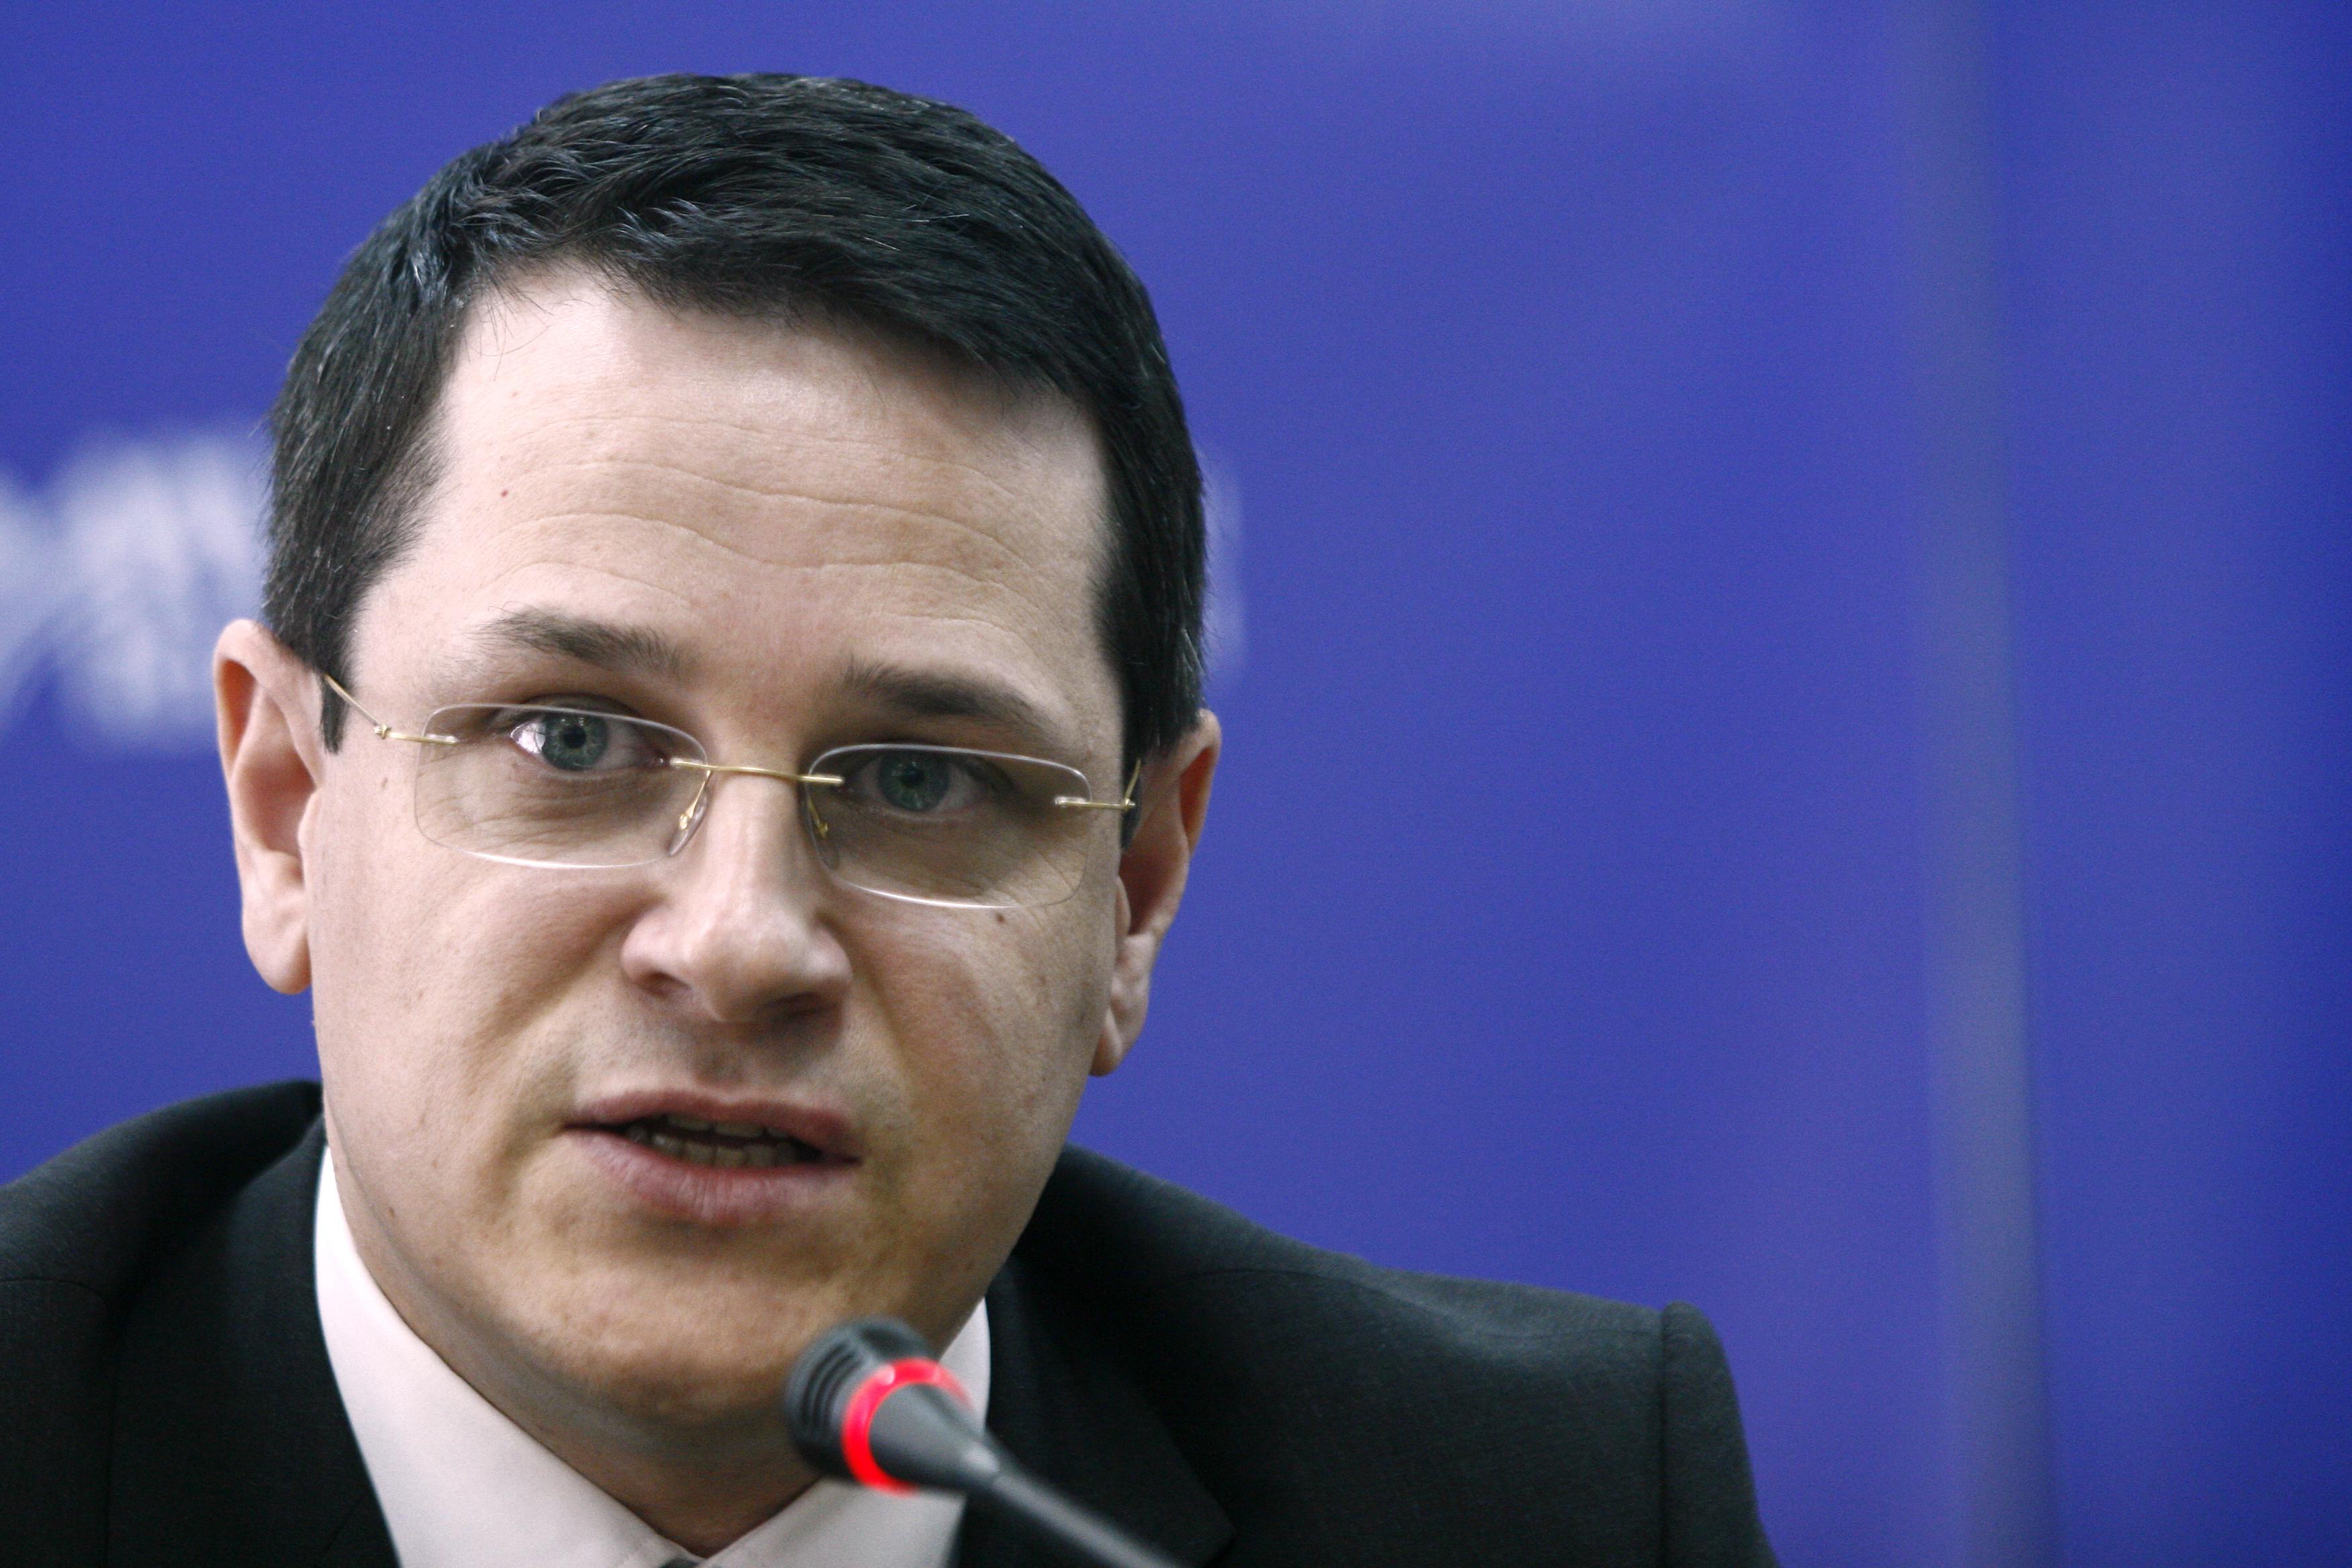 Eduard Hellvig, aviz favorabil pentru sefia SRI. Marturii despre intalnirile din biroul lui George Maior: